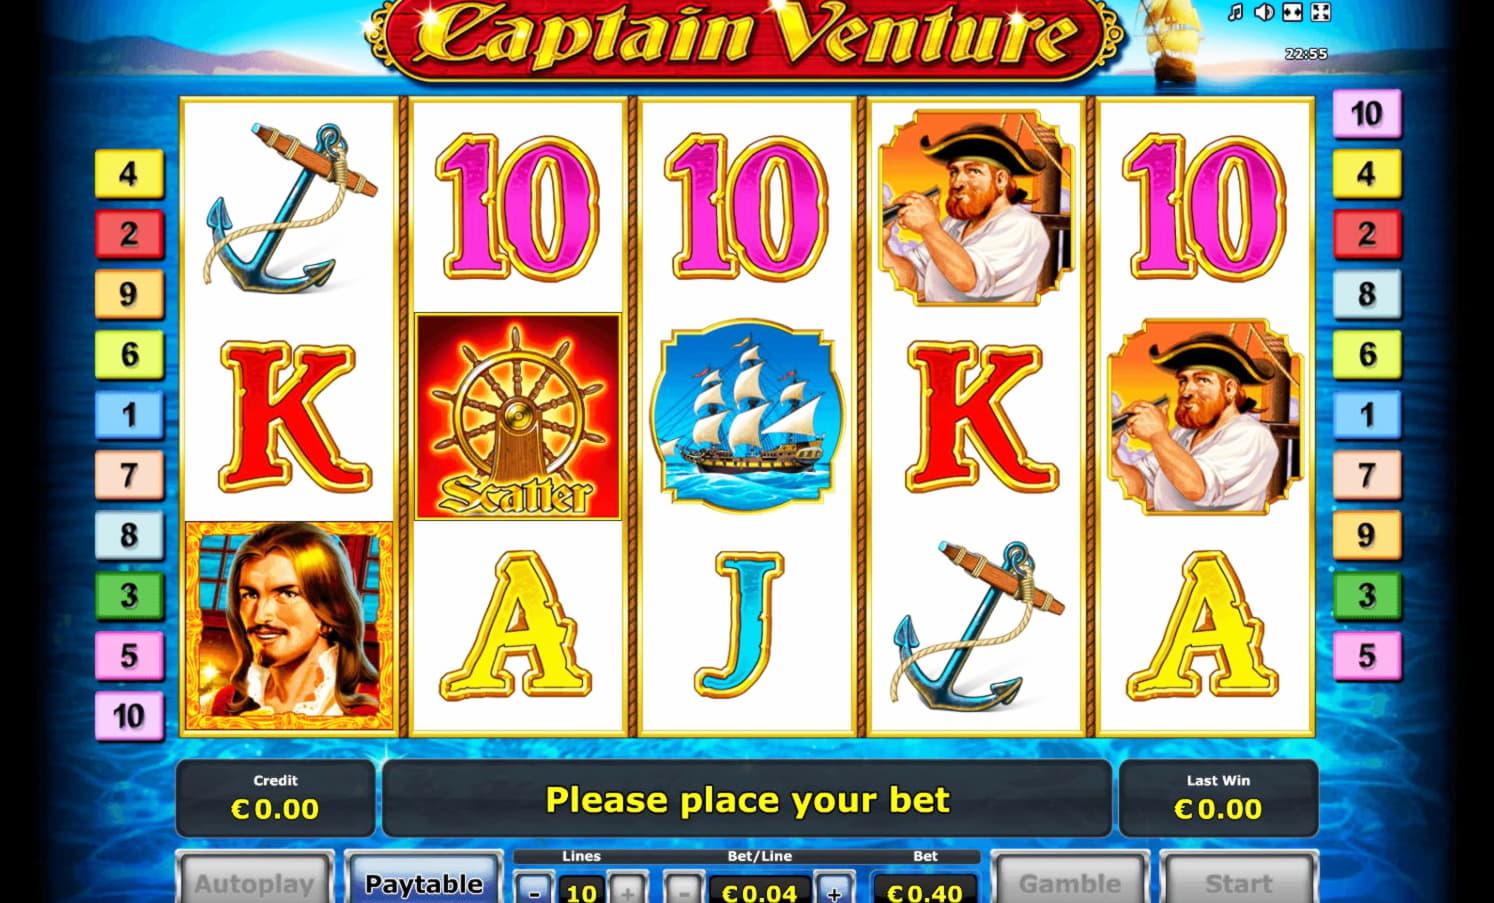 EURO 135 Free Cash at Casino Las Vegas